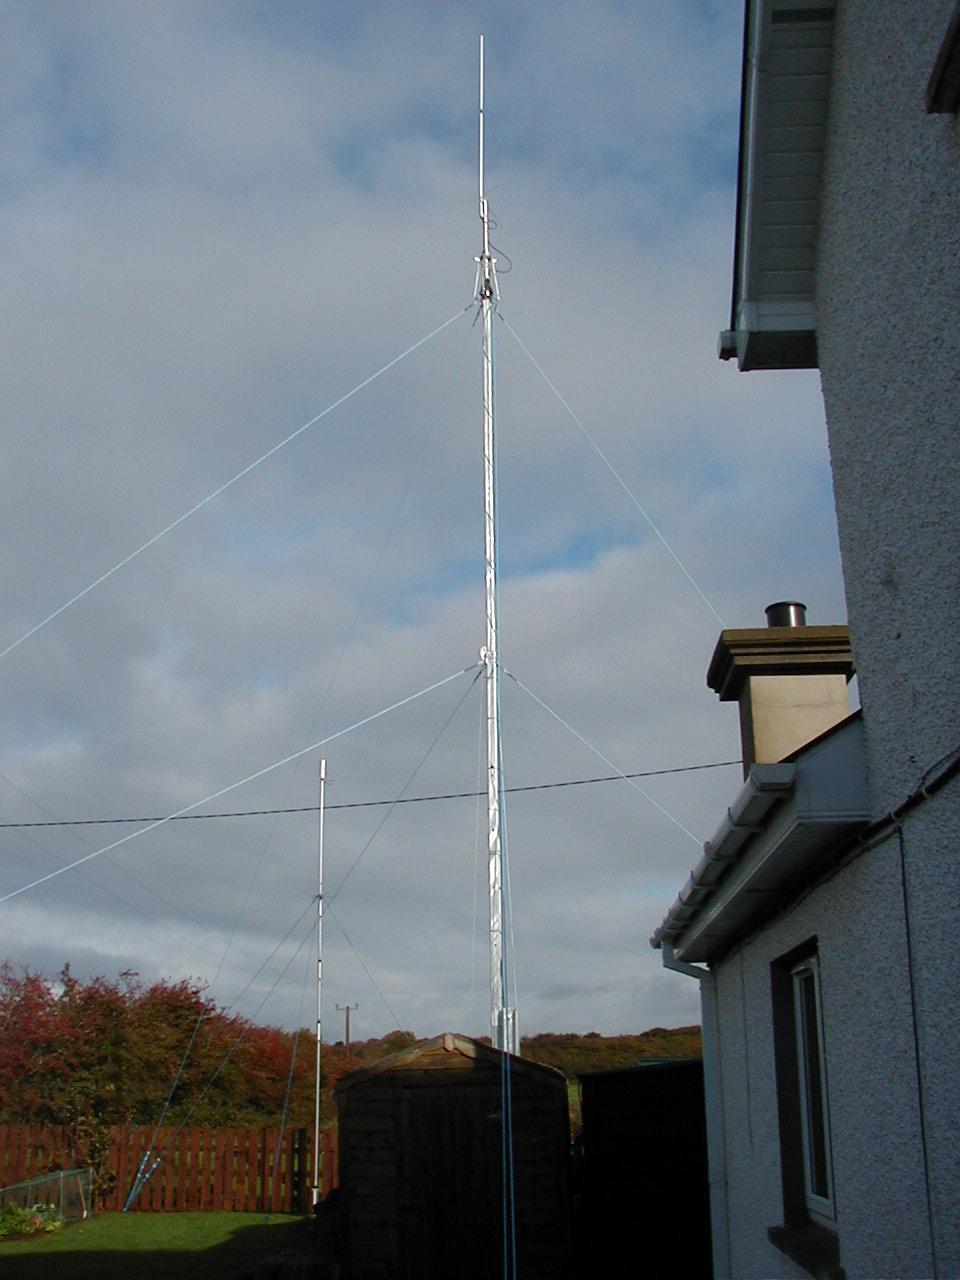 Carndonagh Amaterr Radio Club